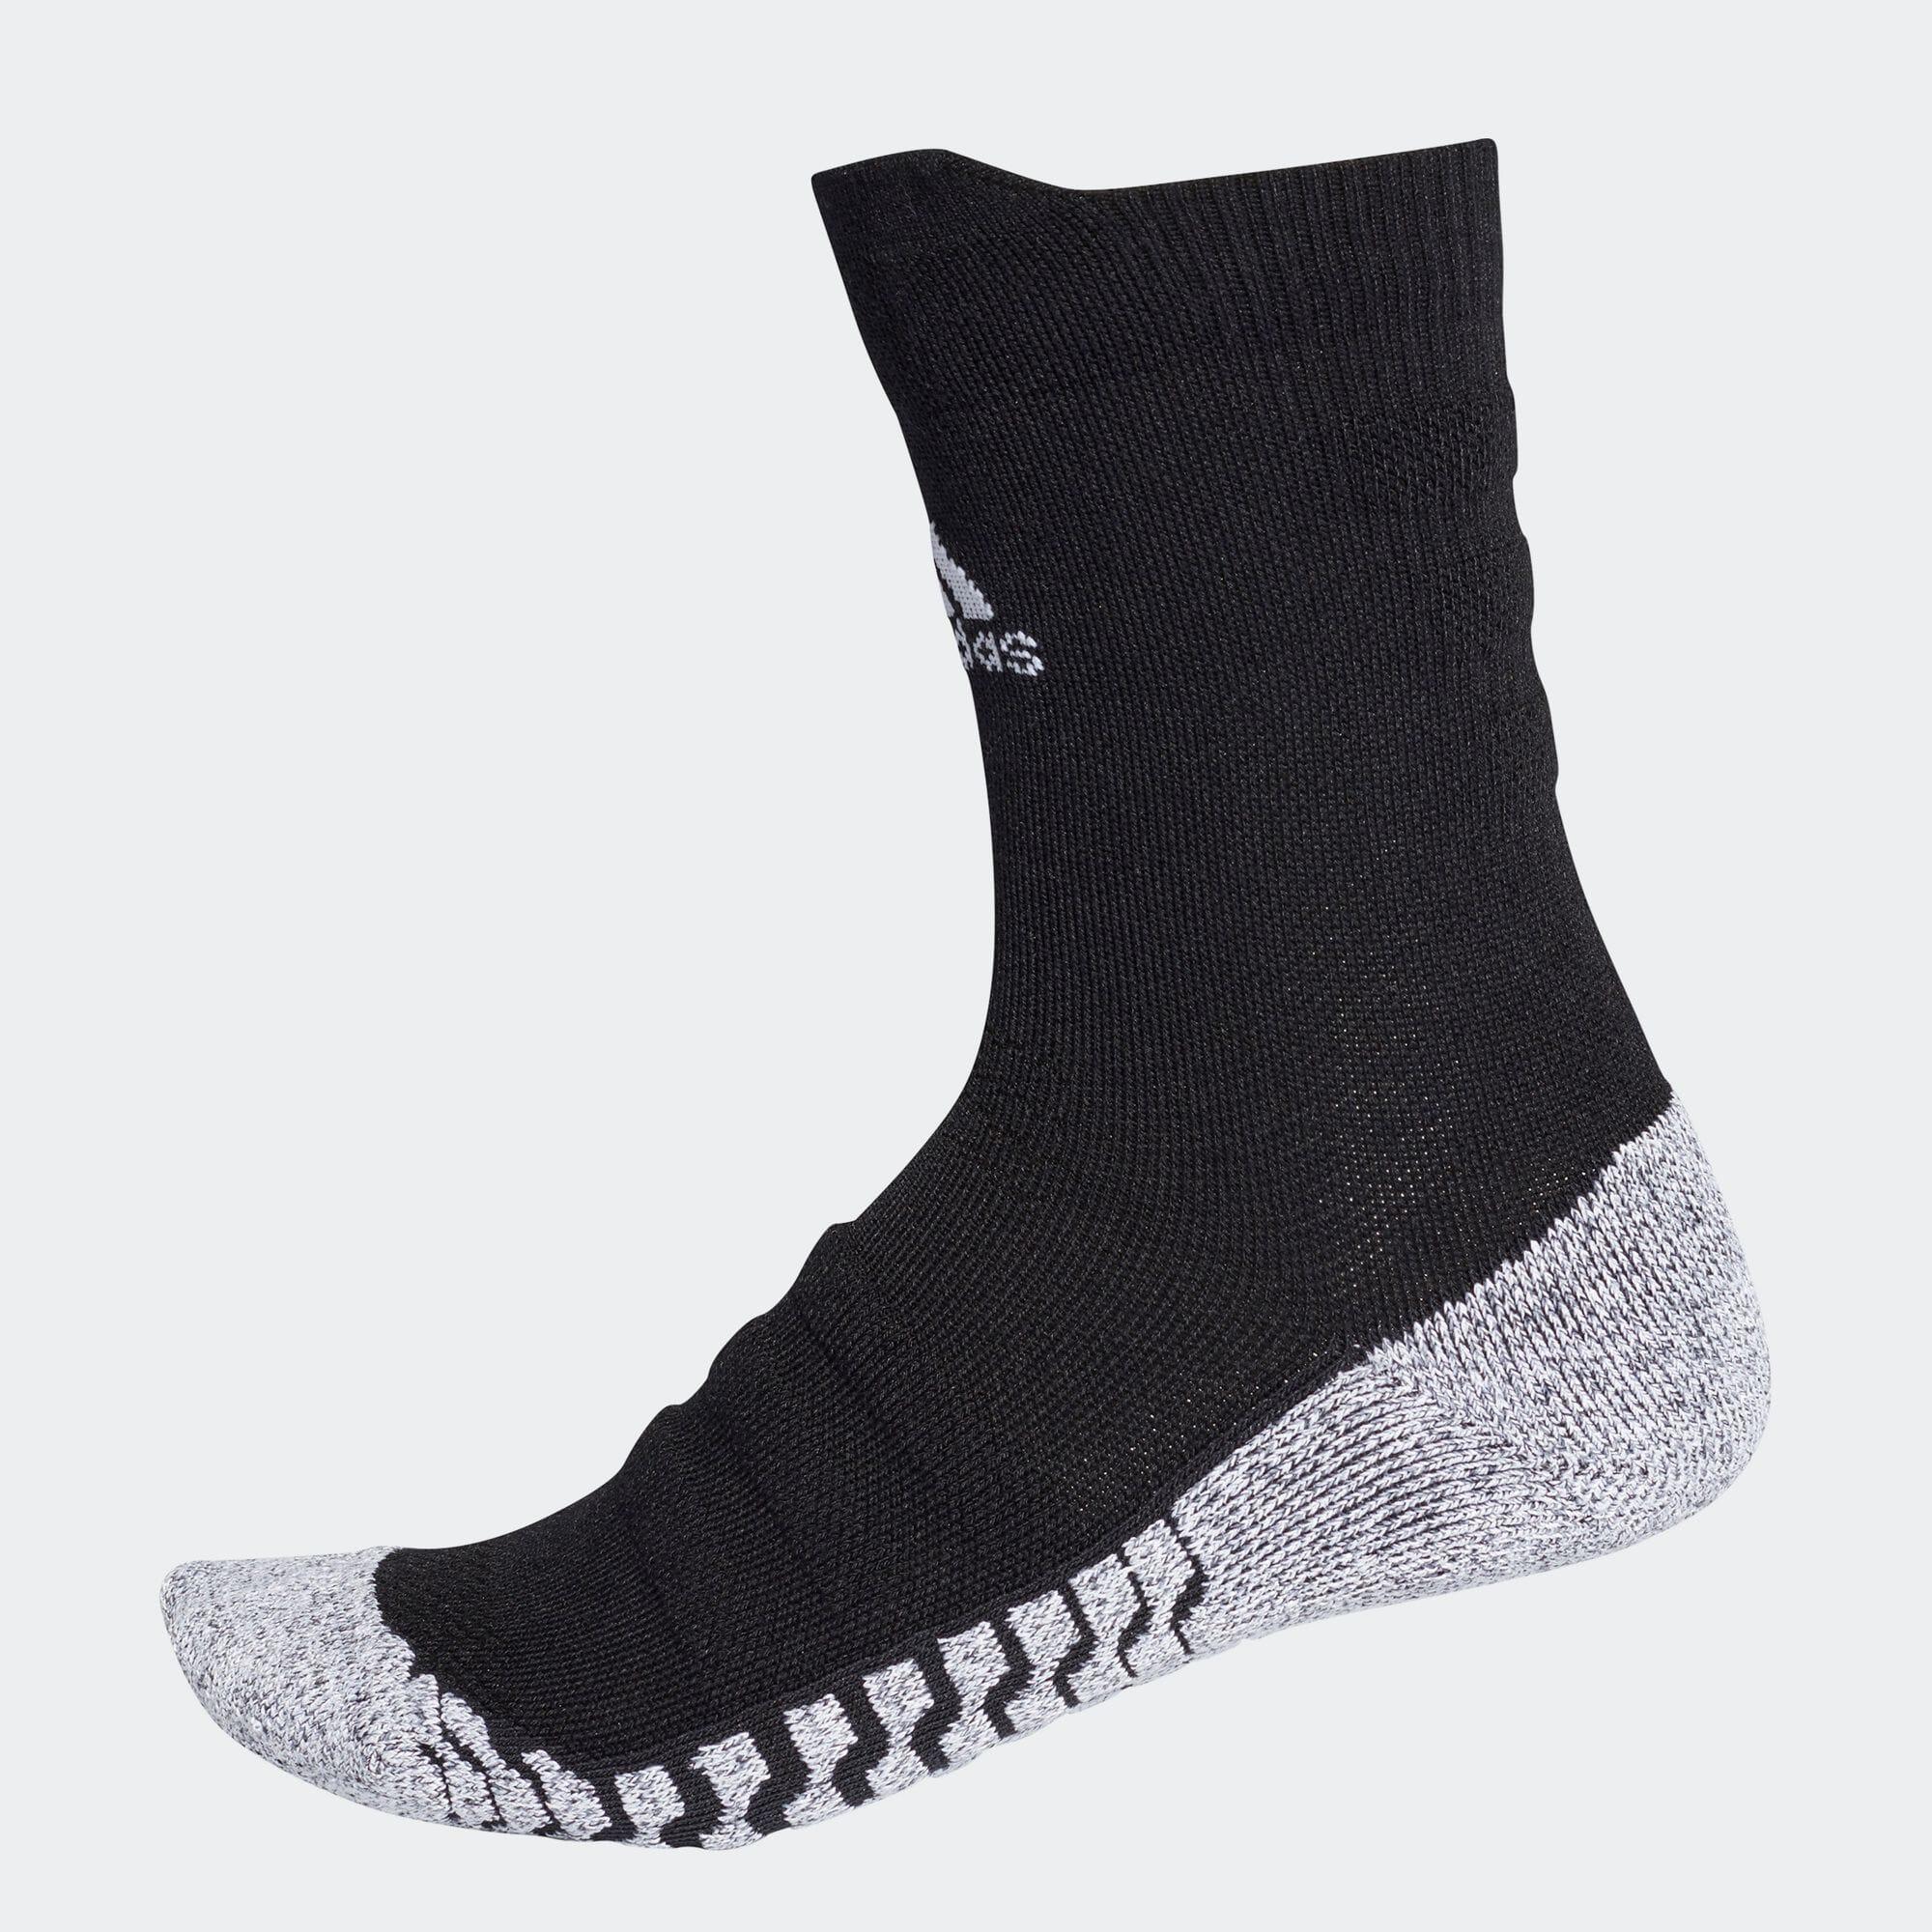 グリップハーフクッション クルーソックス /靴下[アルファスキン/アルファスキンソックス]